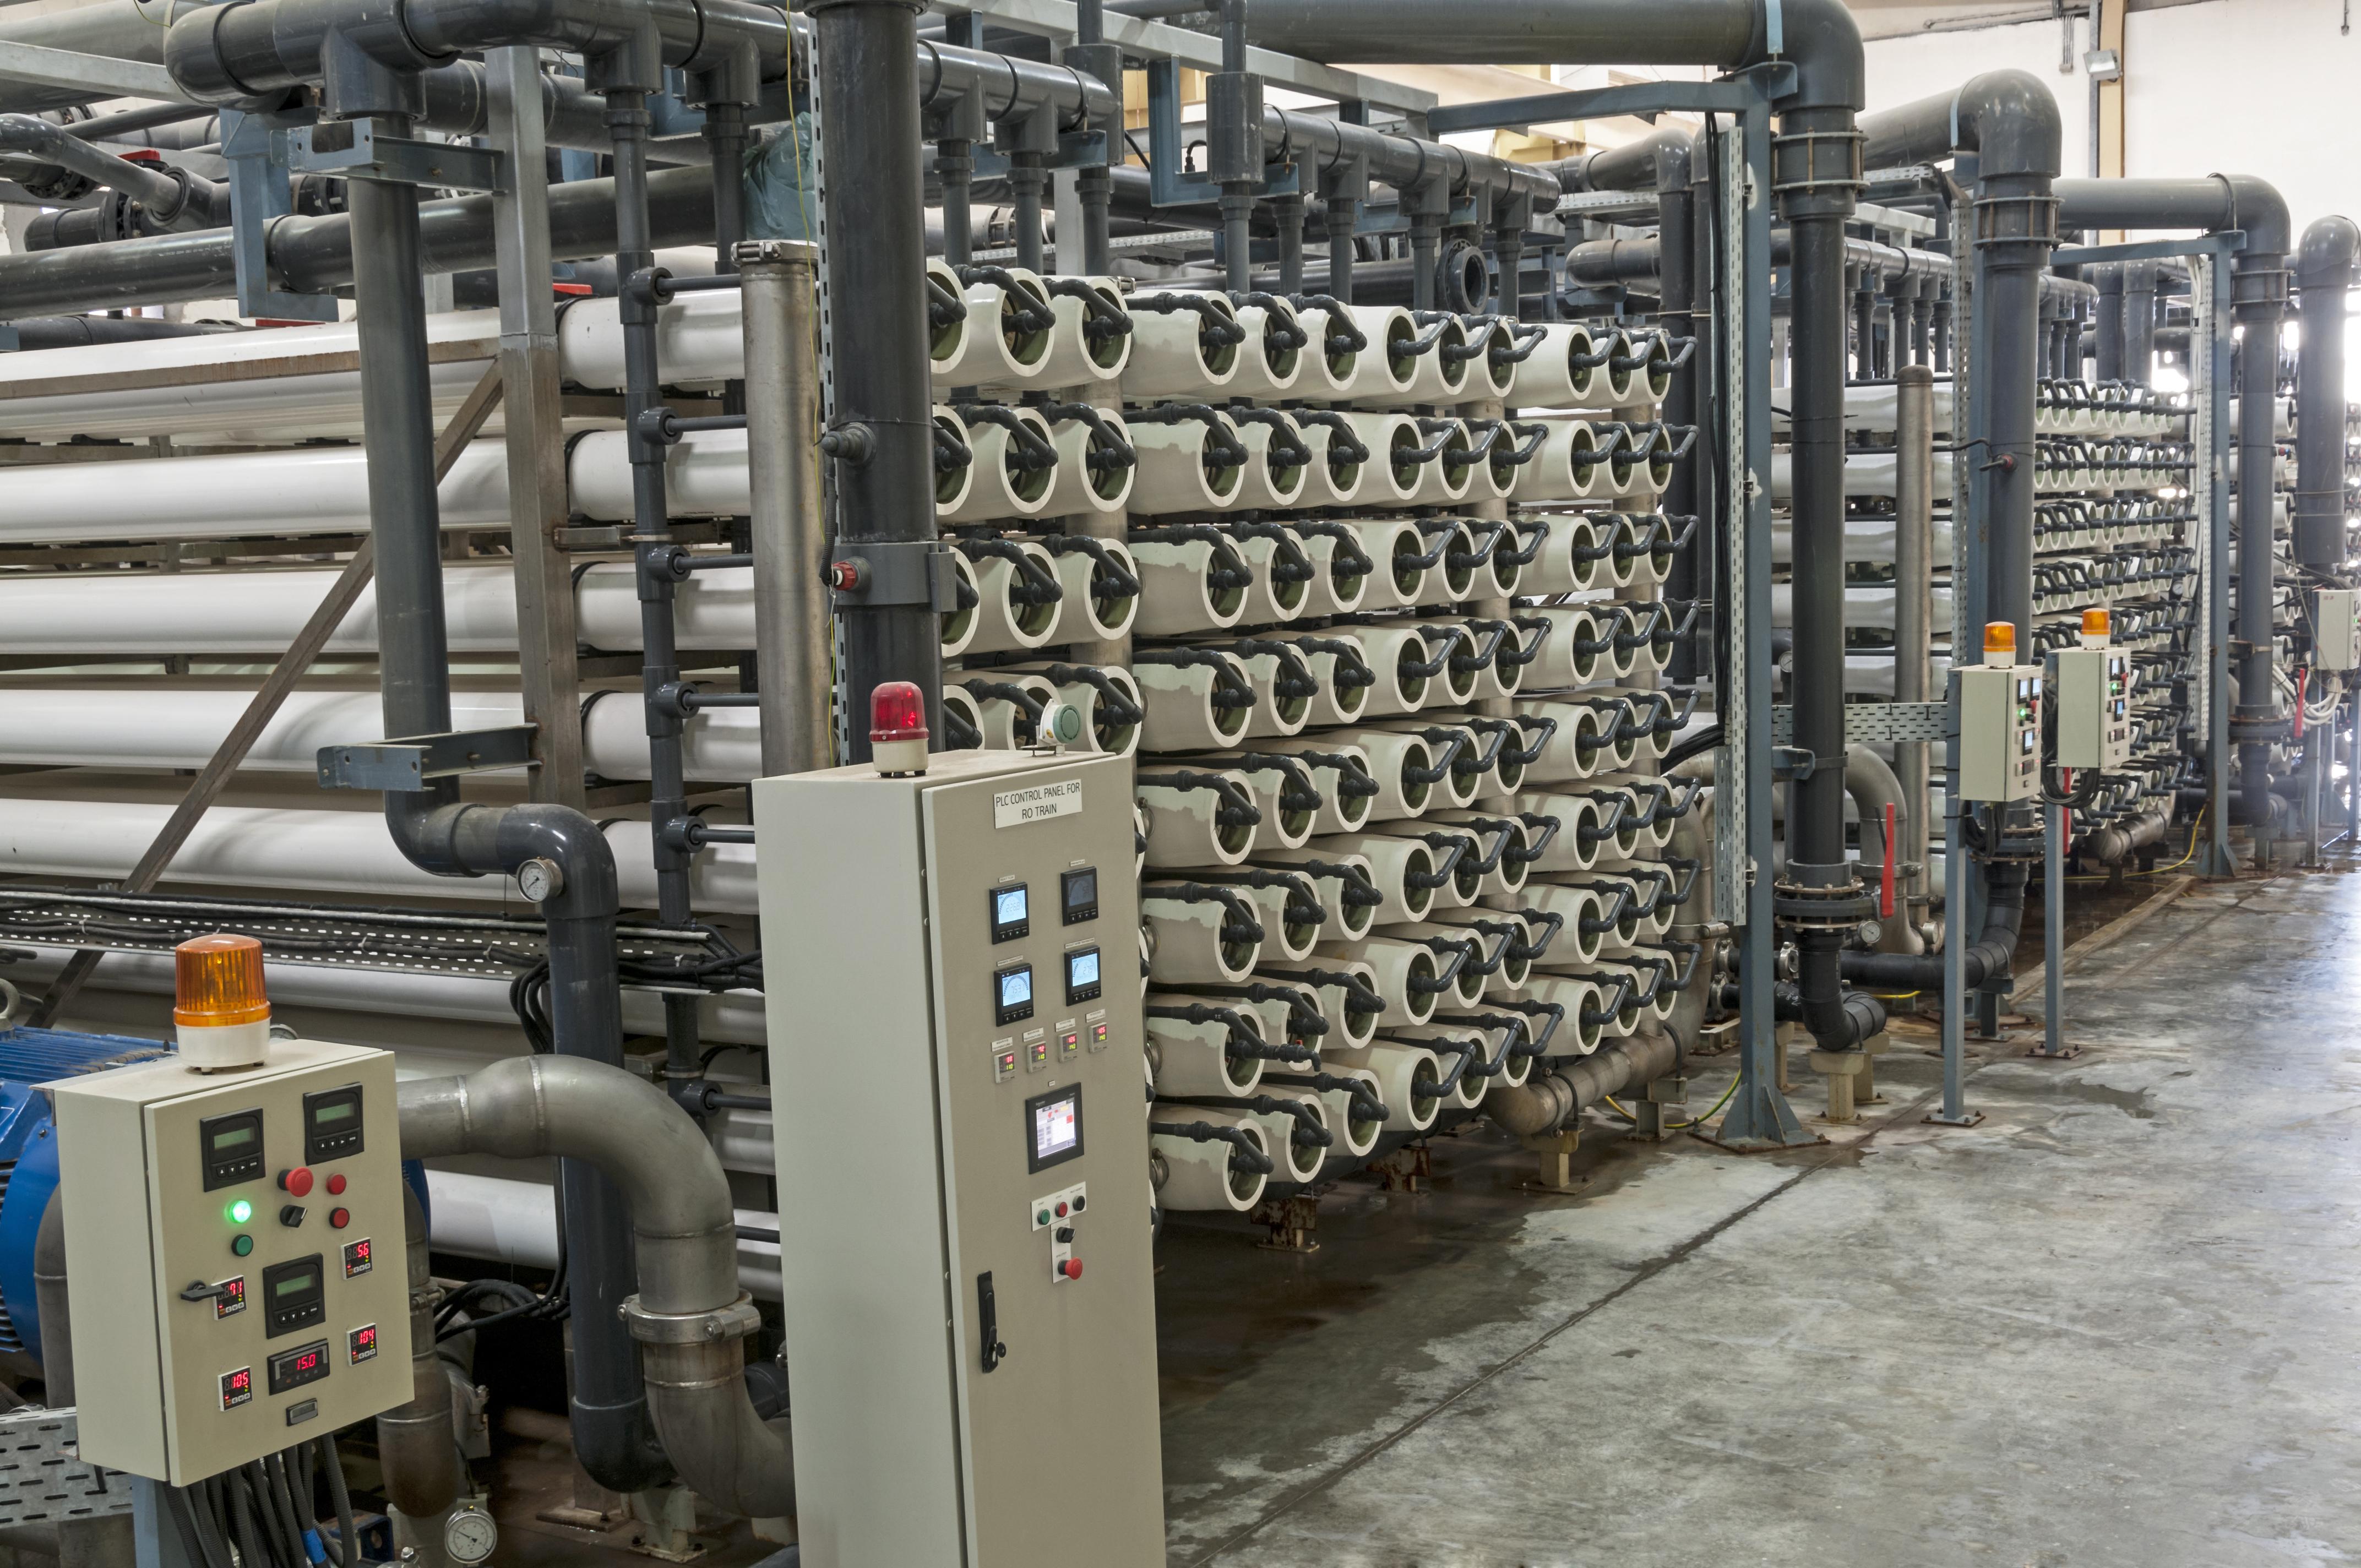 Advantages & Disadvantages of Desalination Plants